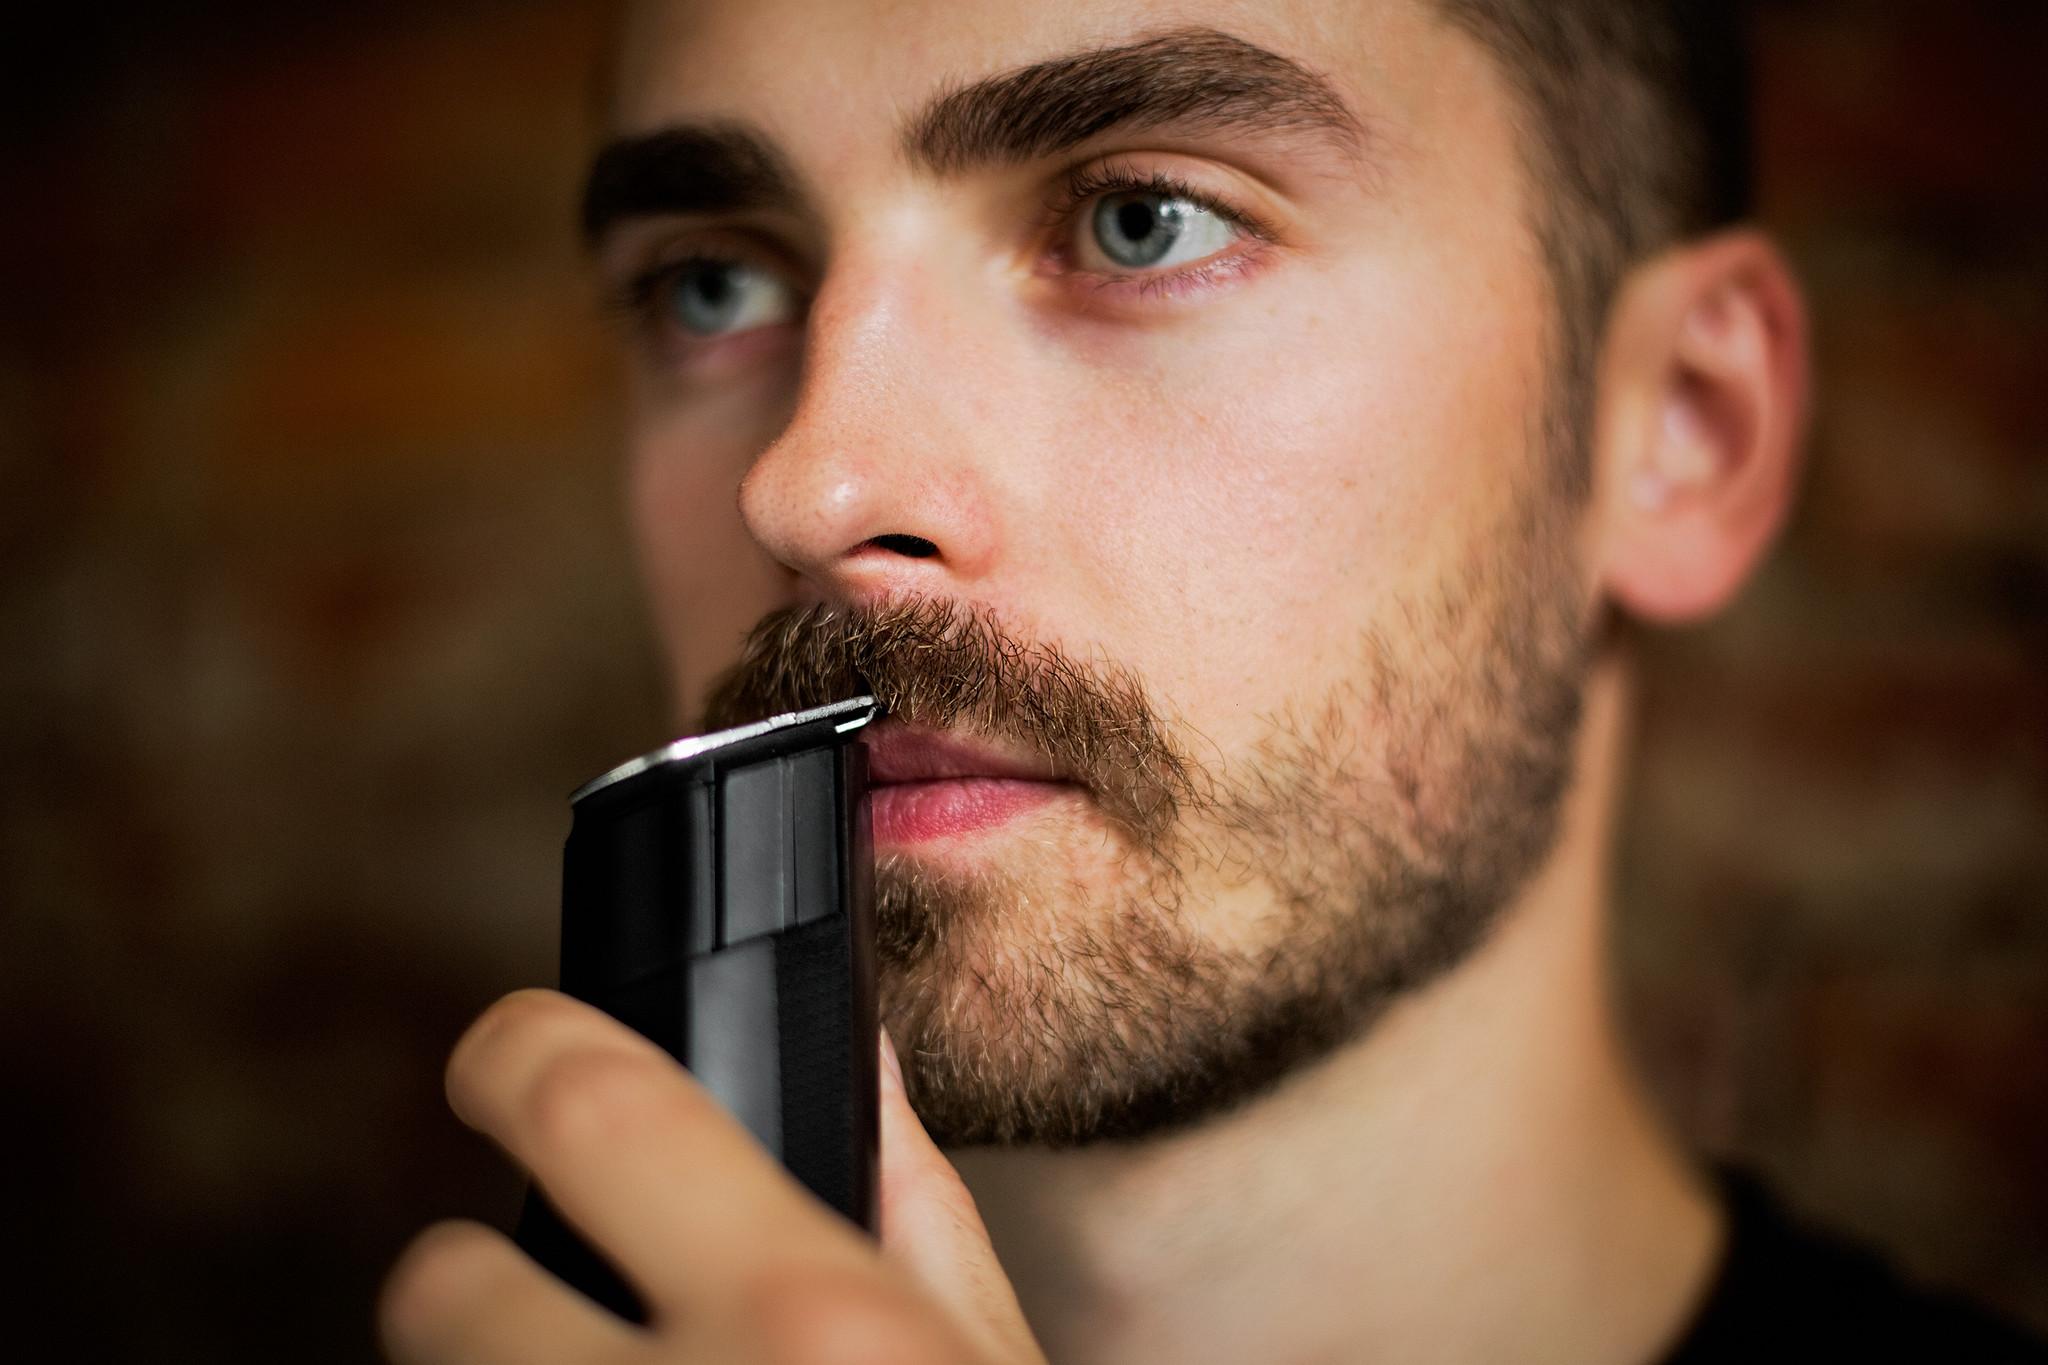 раньше была бородка у худых скуластых мужчин виды фото обратной стороны листа